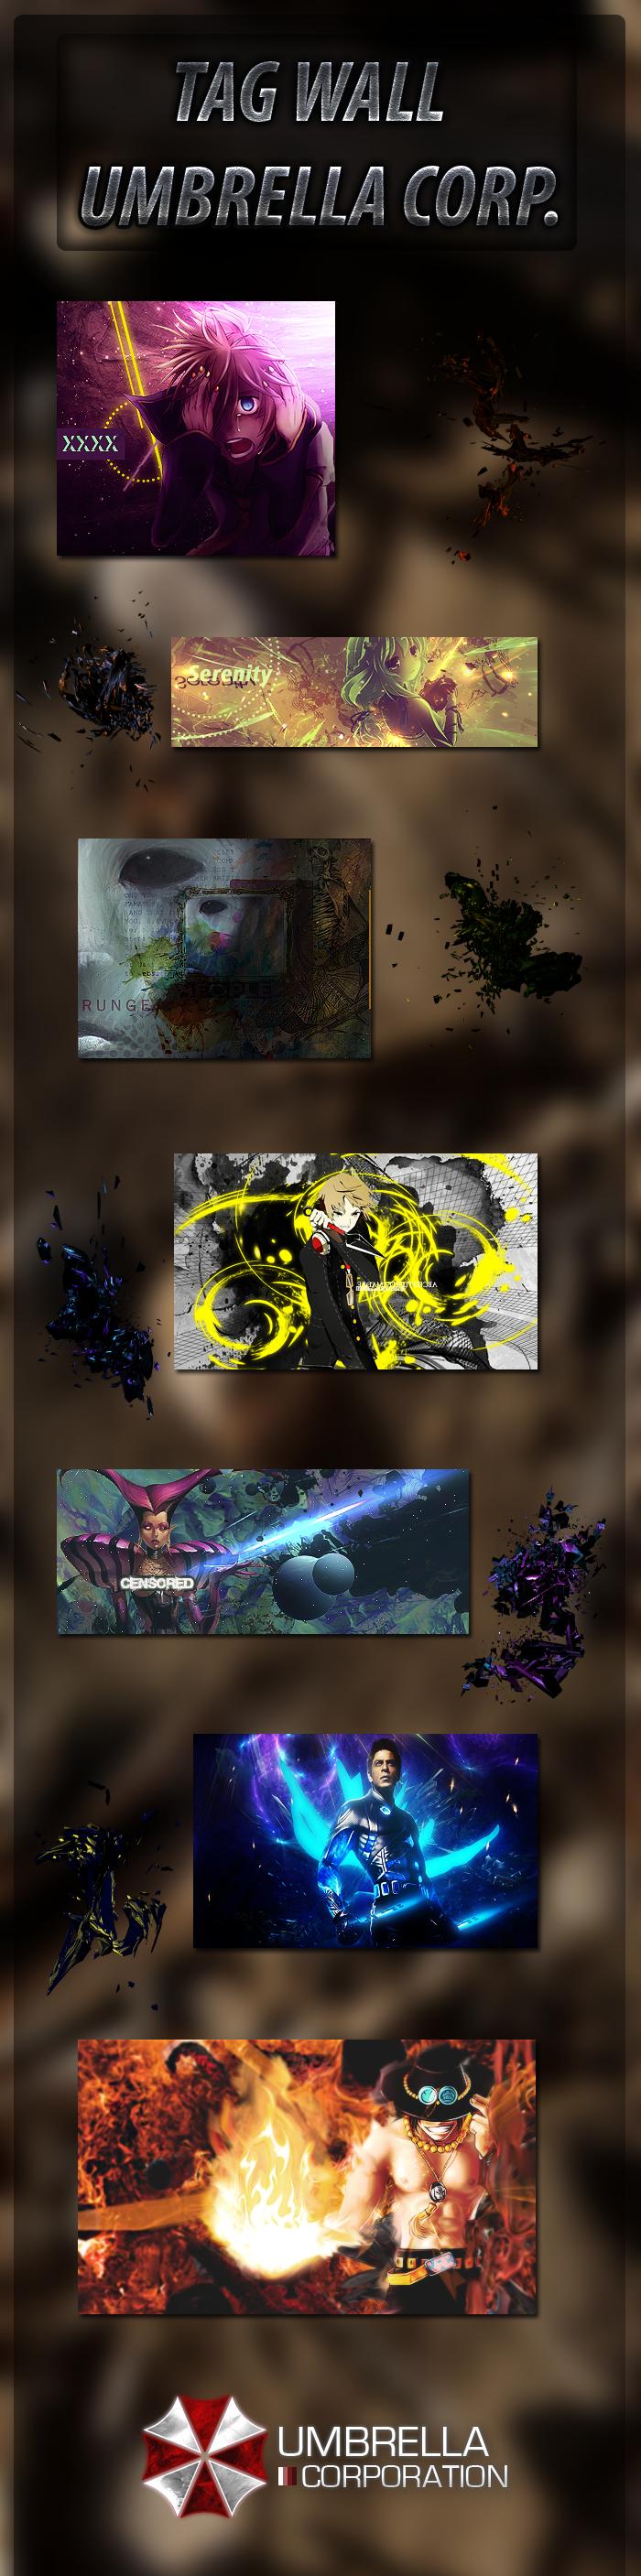 Rhyzamek vs Umbrella Corp. [Votaciones]  Tag_wall_umbrella_corp__by_dan_schweinsteiger-d5d8xot